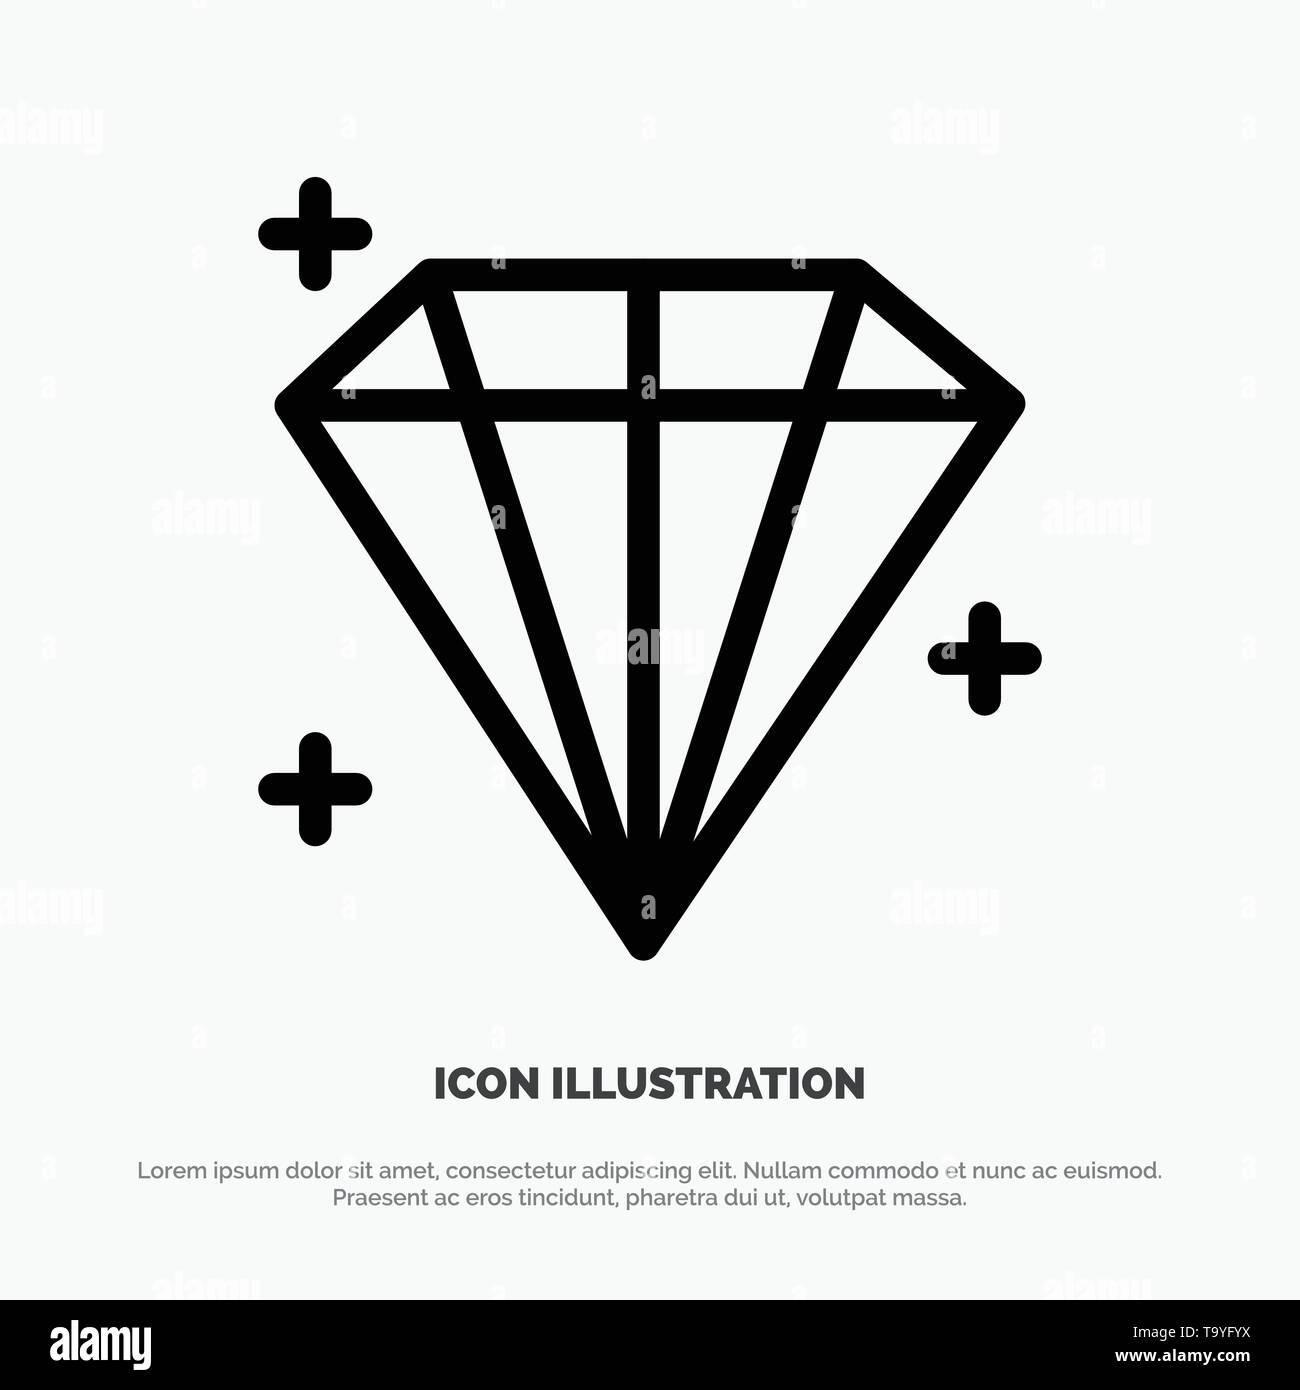 Diamond, Jewel, User Line Icon Vector - Stock Image